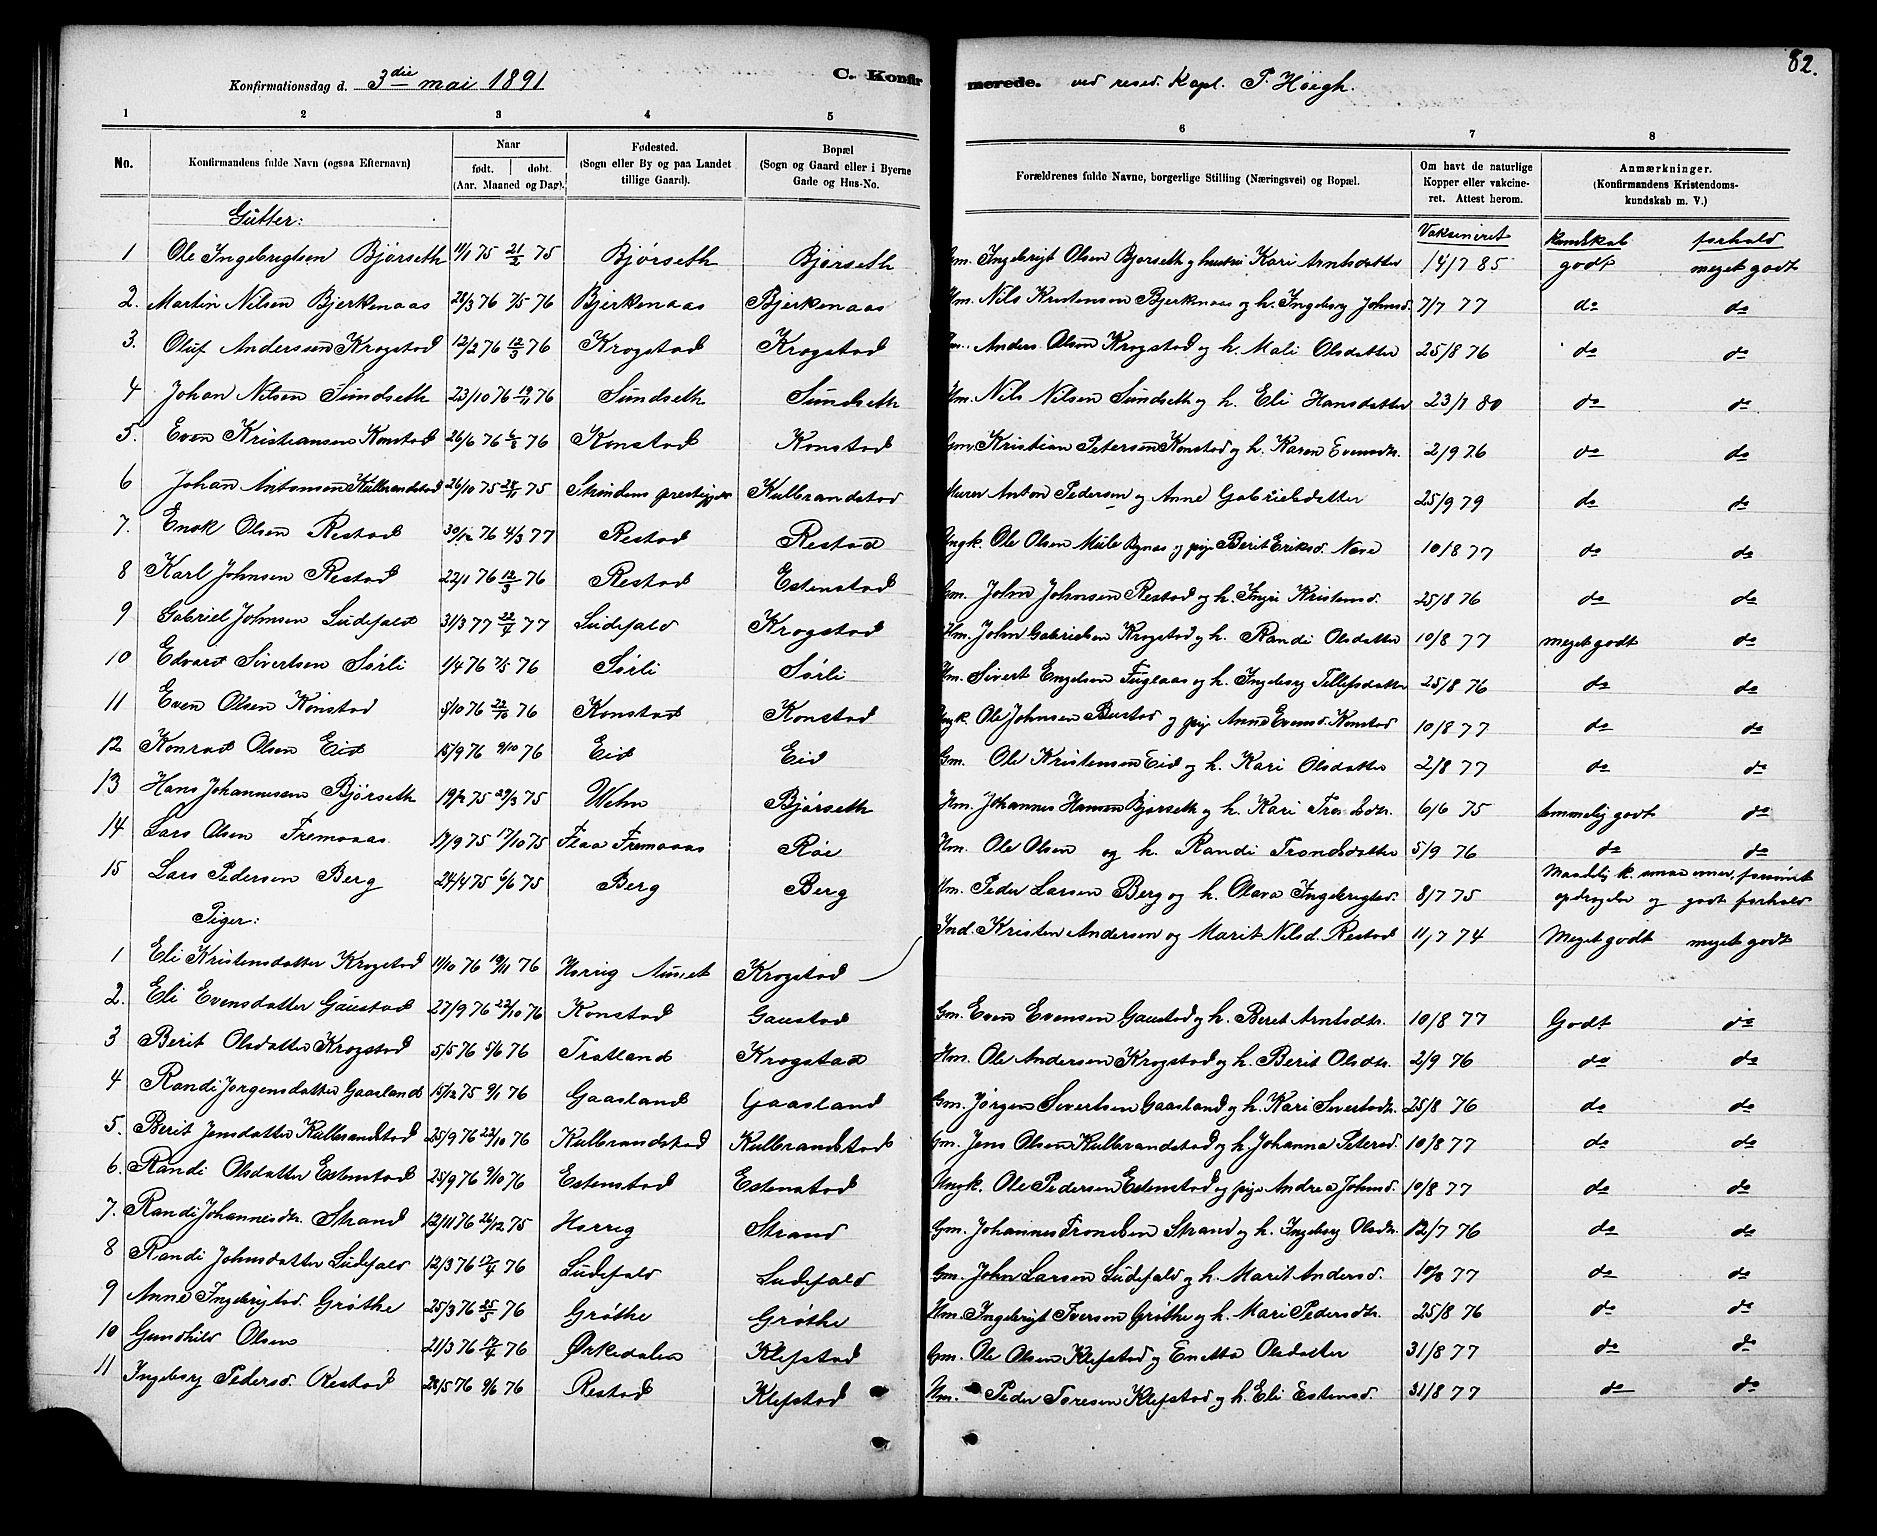 SAT, Ministerialprotokoller, klokkerbøker og fødselsregistre - Sør-Trøndelag, 694/L1132: Klokkerbok nr. 694C04, 1887-1914, s. 82